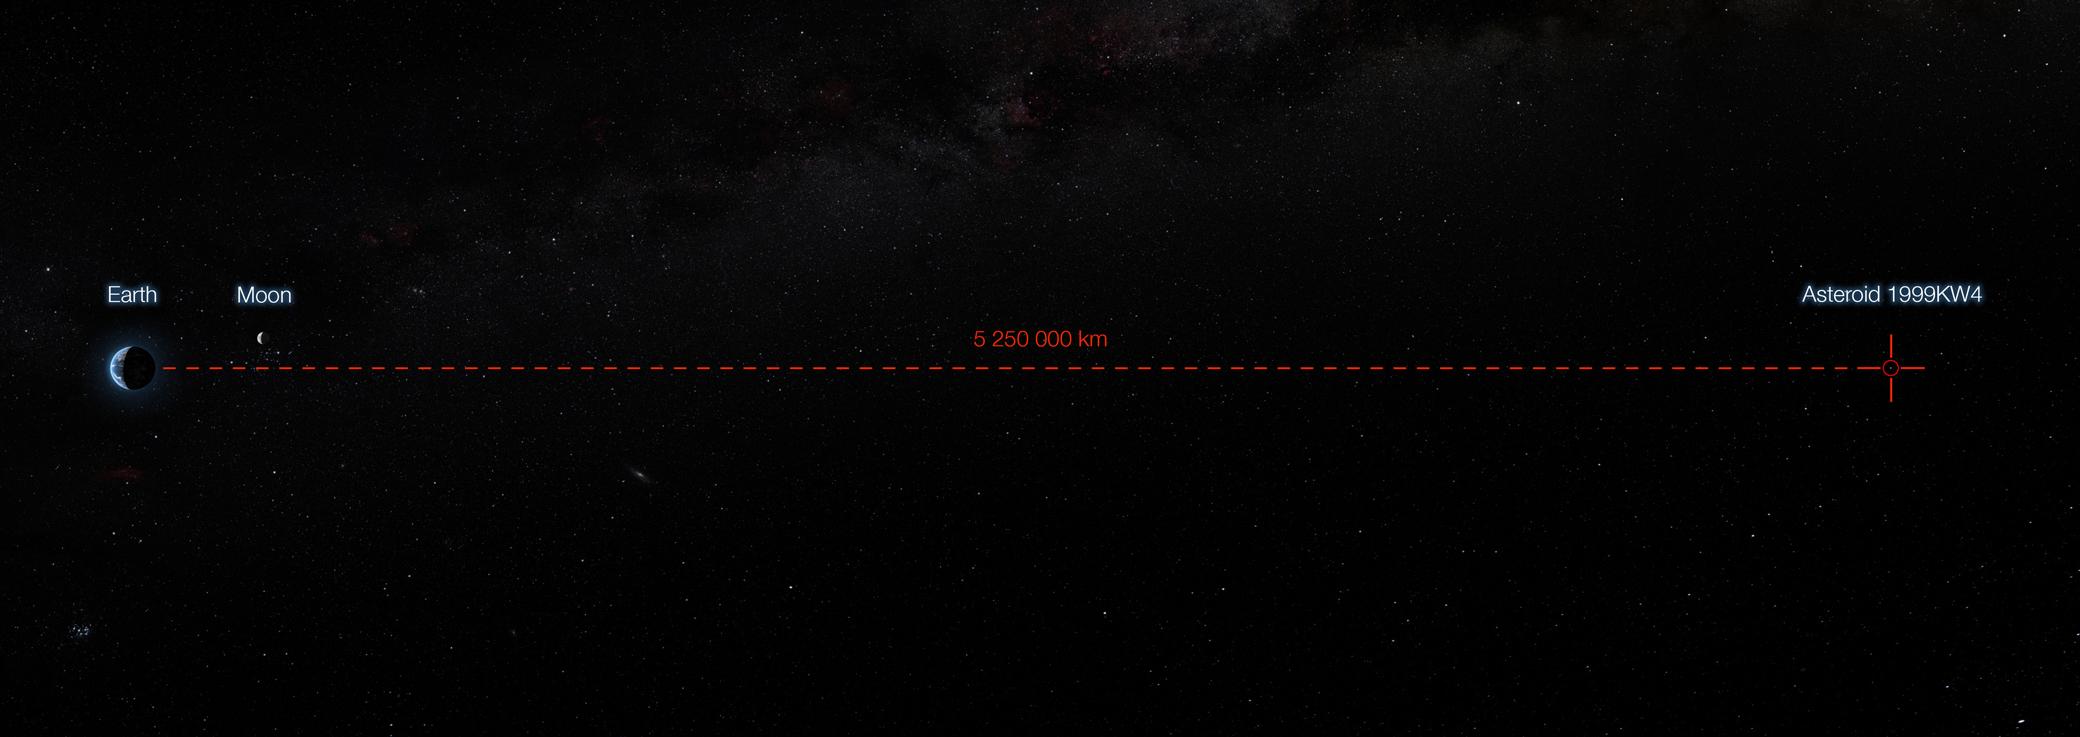 Séparation minimale entre l'astéroïde 1999 KW4 et la Terre